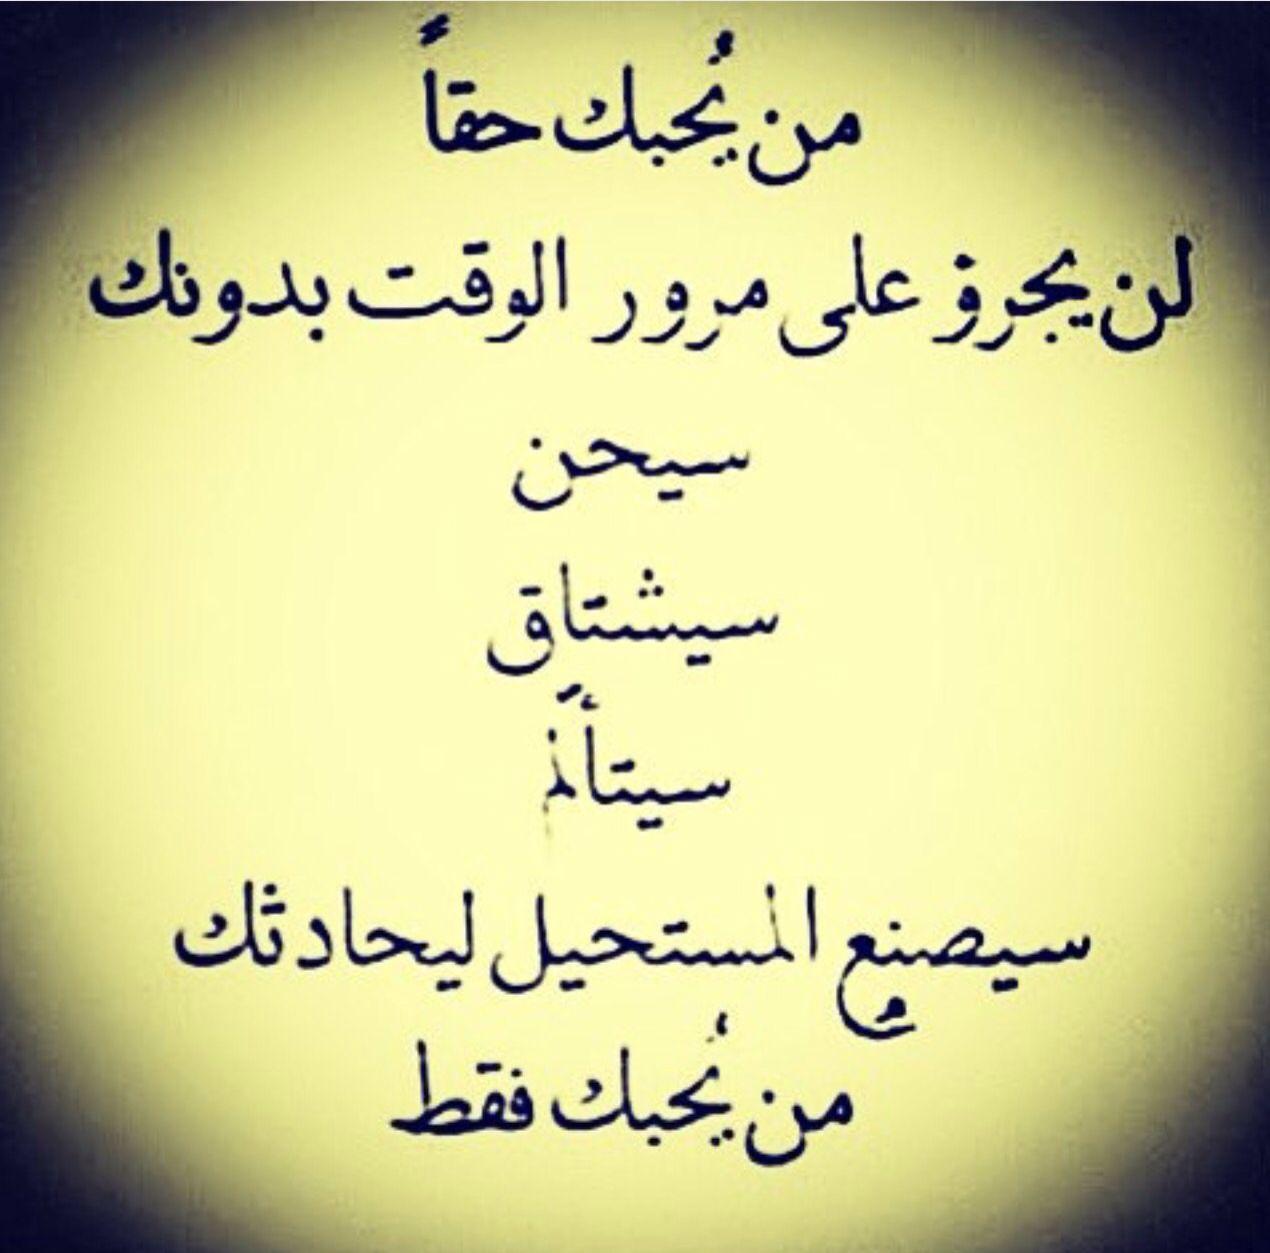 من يحبك فقط Words Arabic Calligraphy